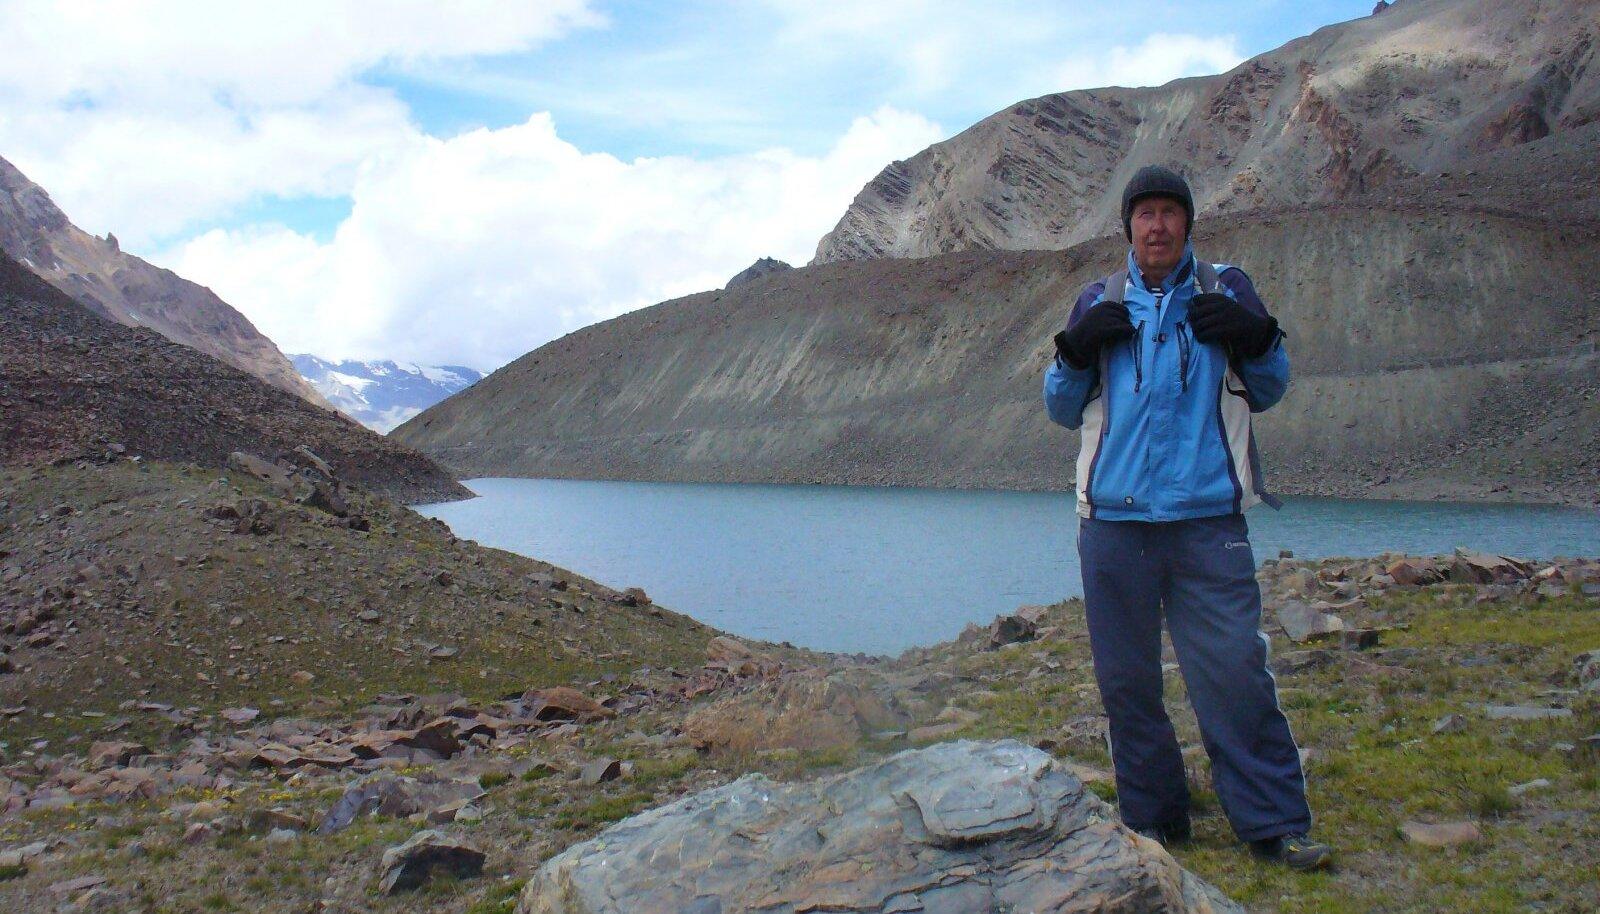 Matk ligi 5000 meetril ümber Suraj Tali järve, mis jääb Himachal Pradeshi põhjapiirile.